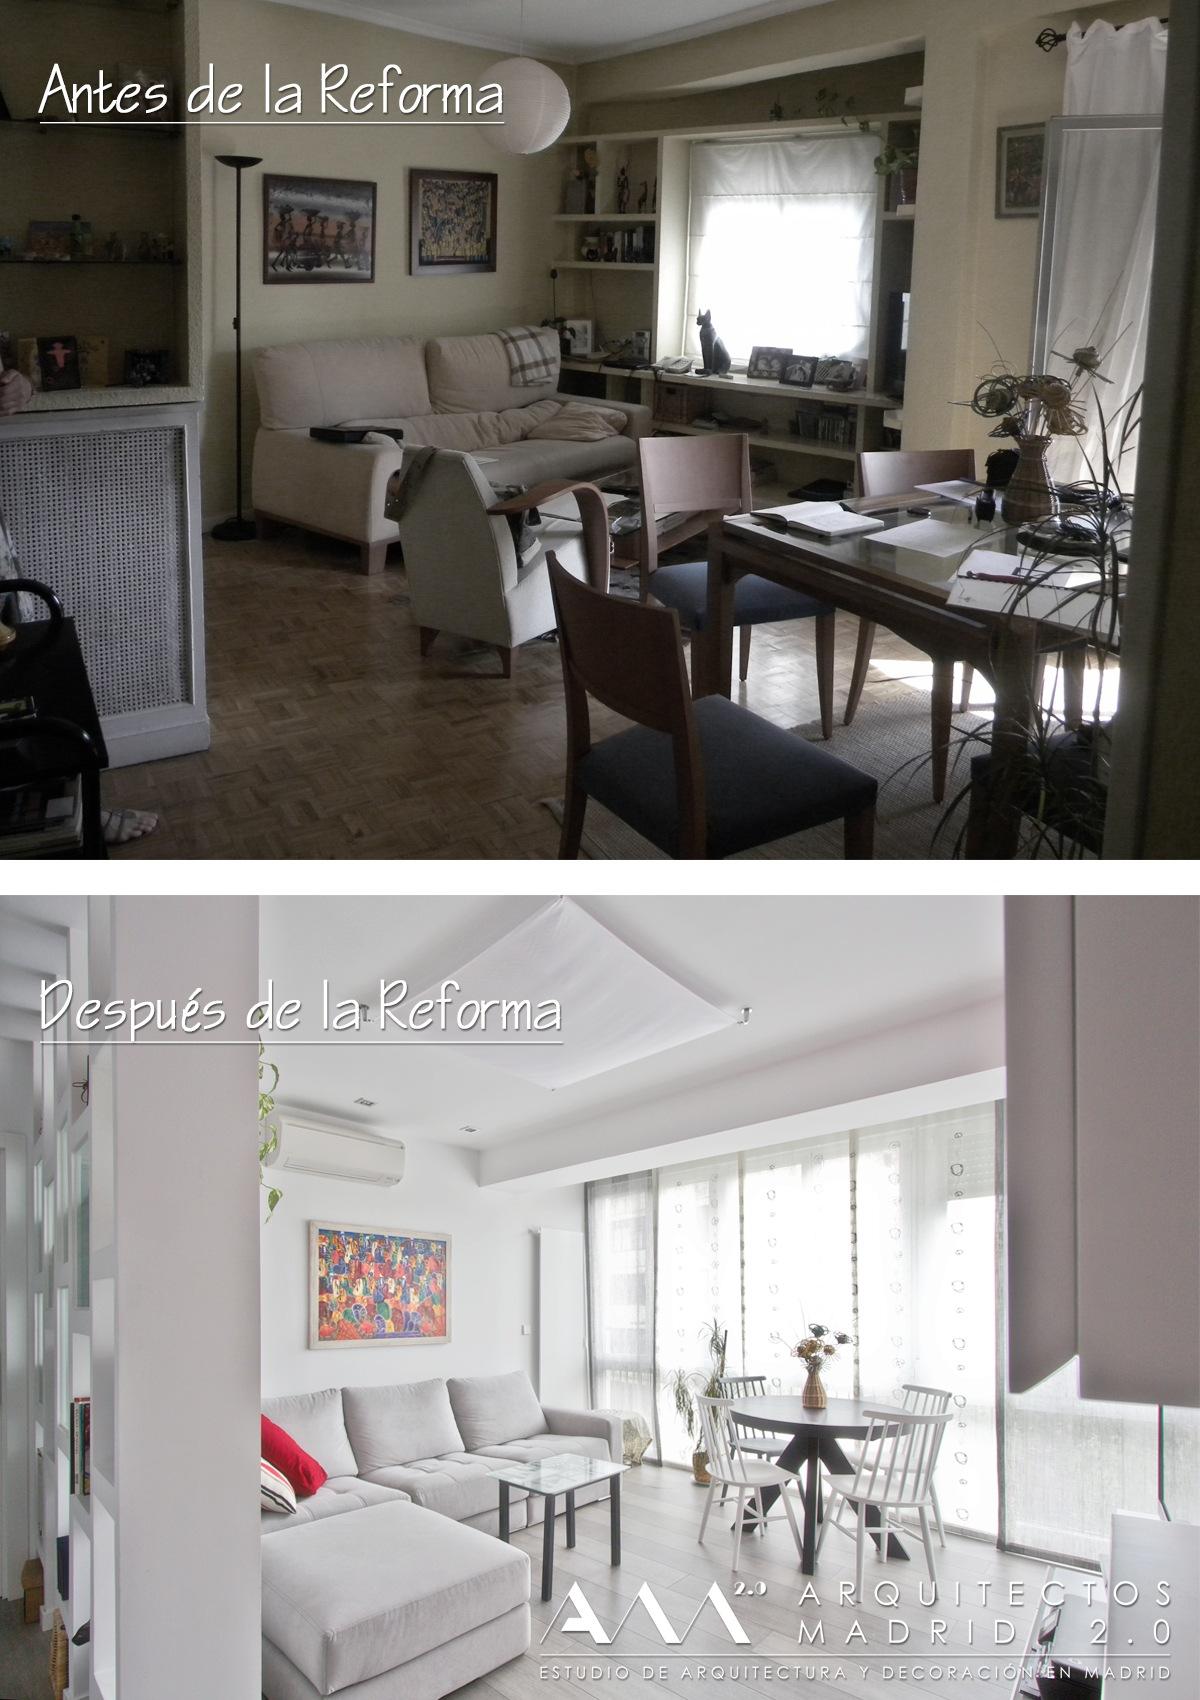 reformas-viviendas-ideas-antes-despues-pisos-casas-obras-18